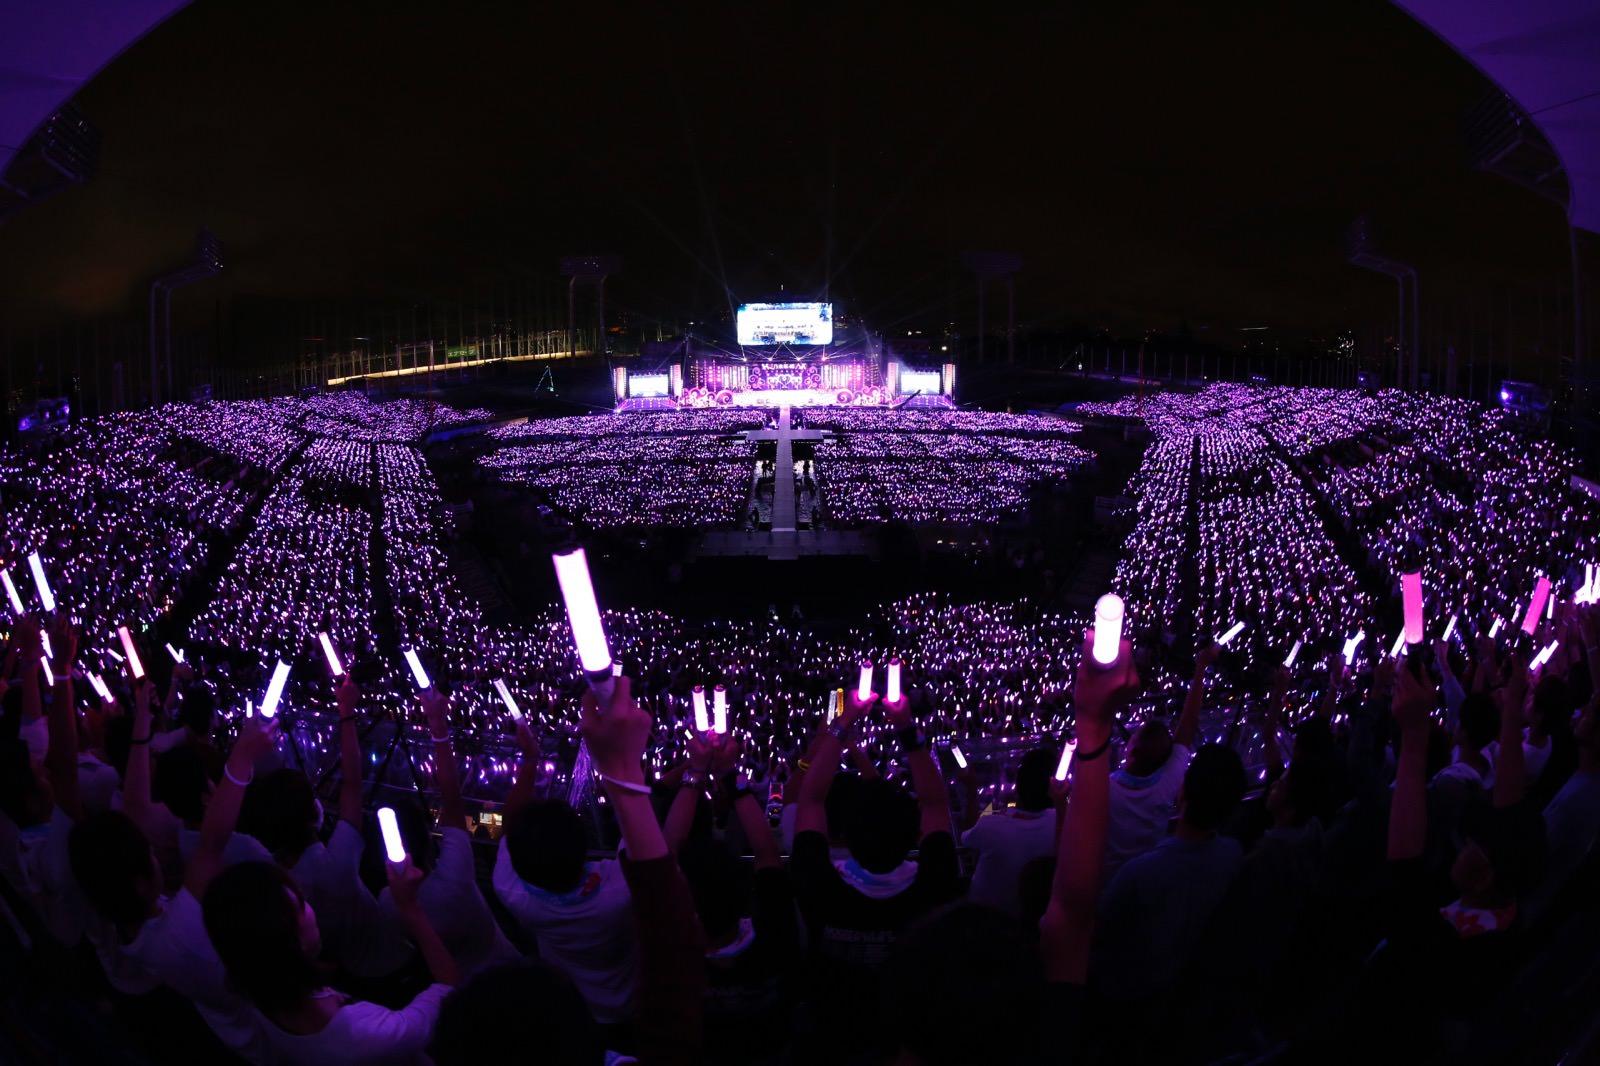 【エンタメ画像】《乃木坂46》全ツ2016神宮の全曲披露『セトリ』はランダムになるのかな?